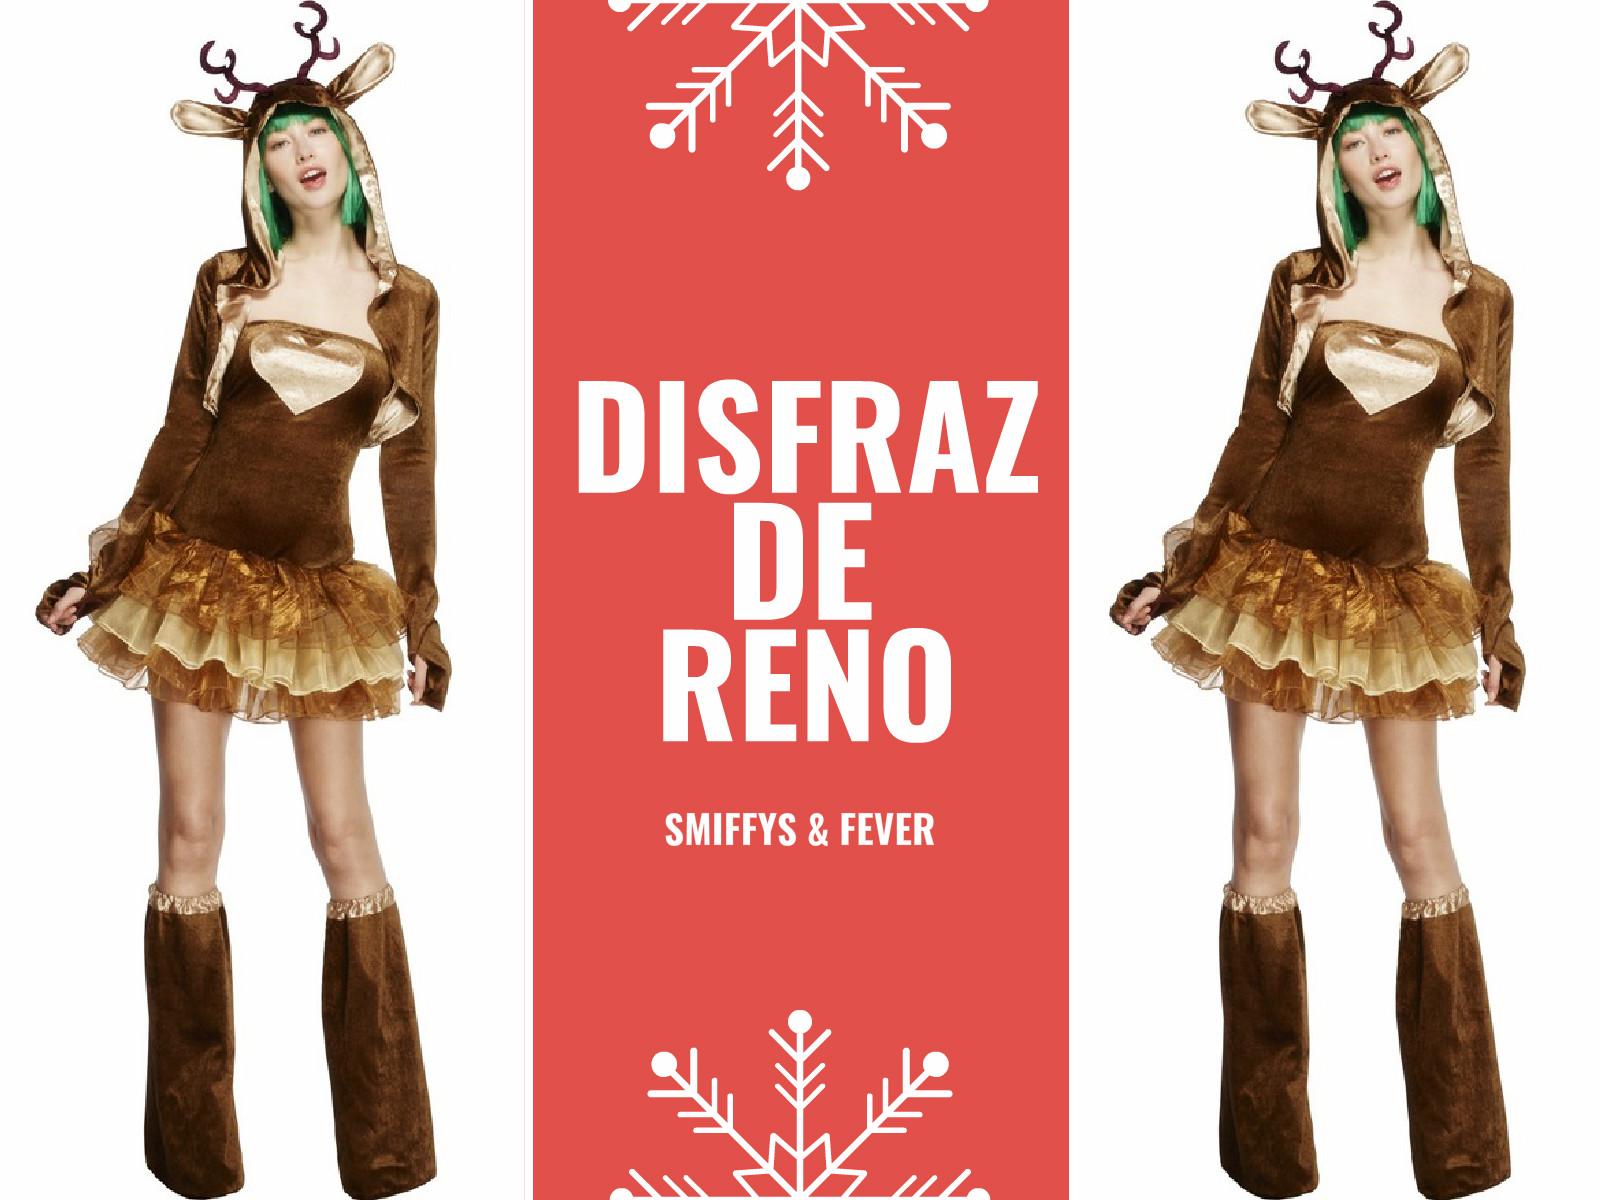 disfraz de reno by smiffys